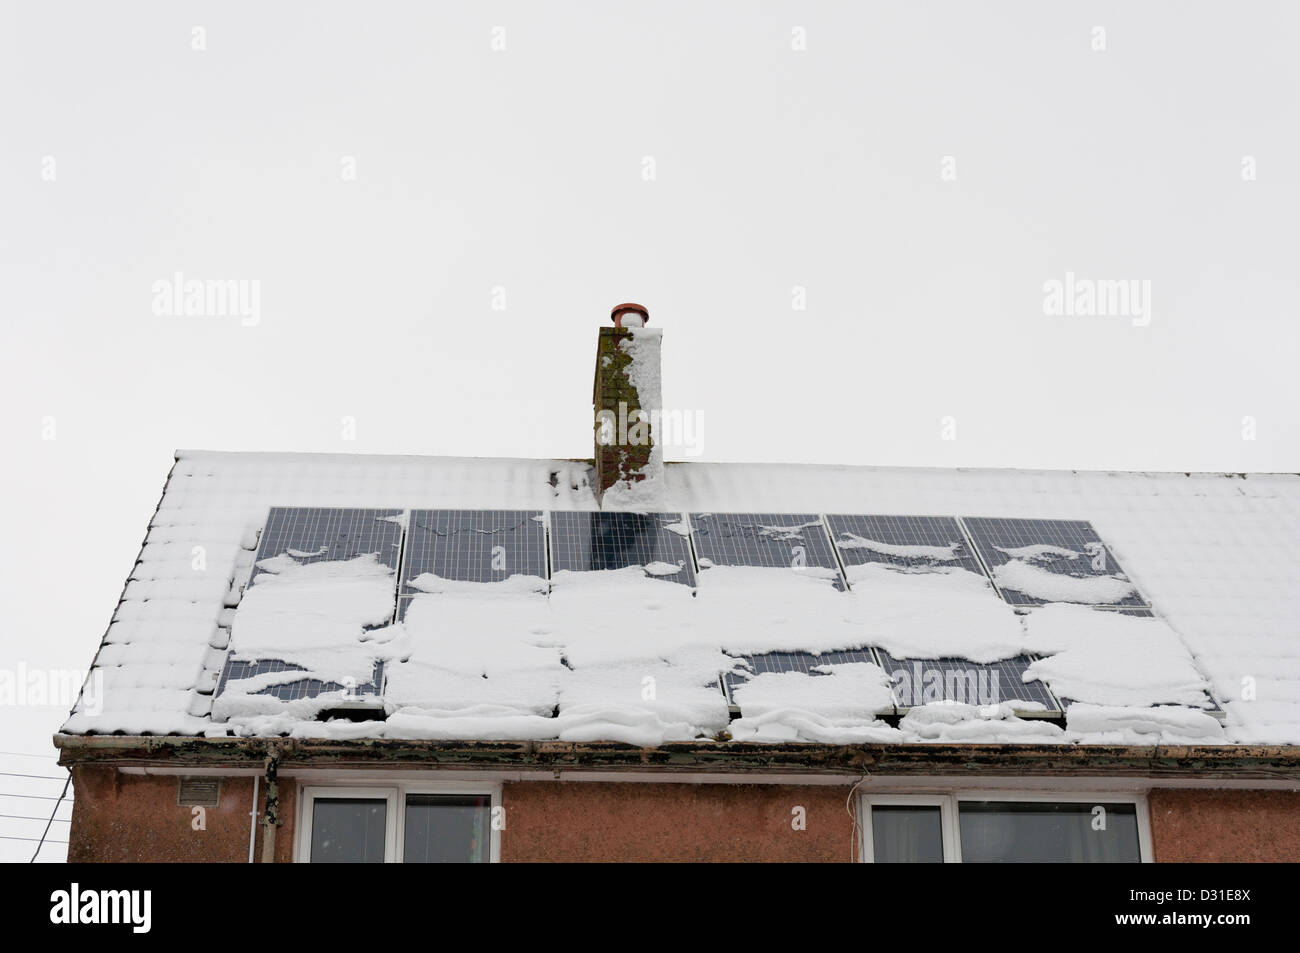 Paneles solares en un tejado cubierto de nieve. Imagen De Stock